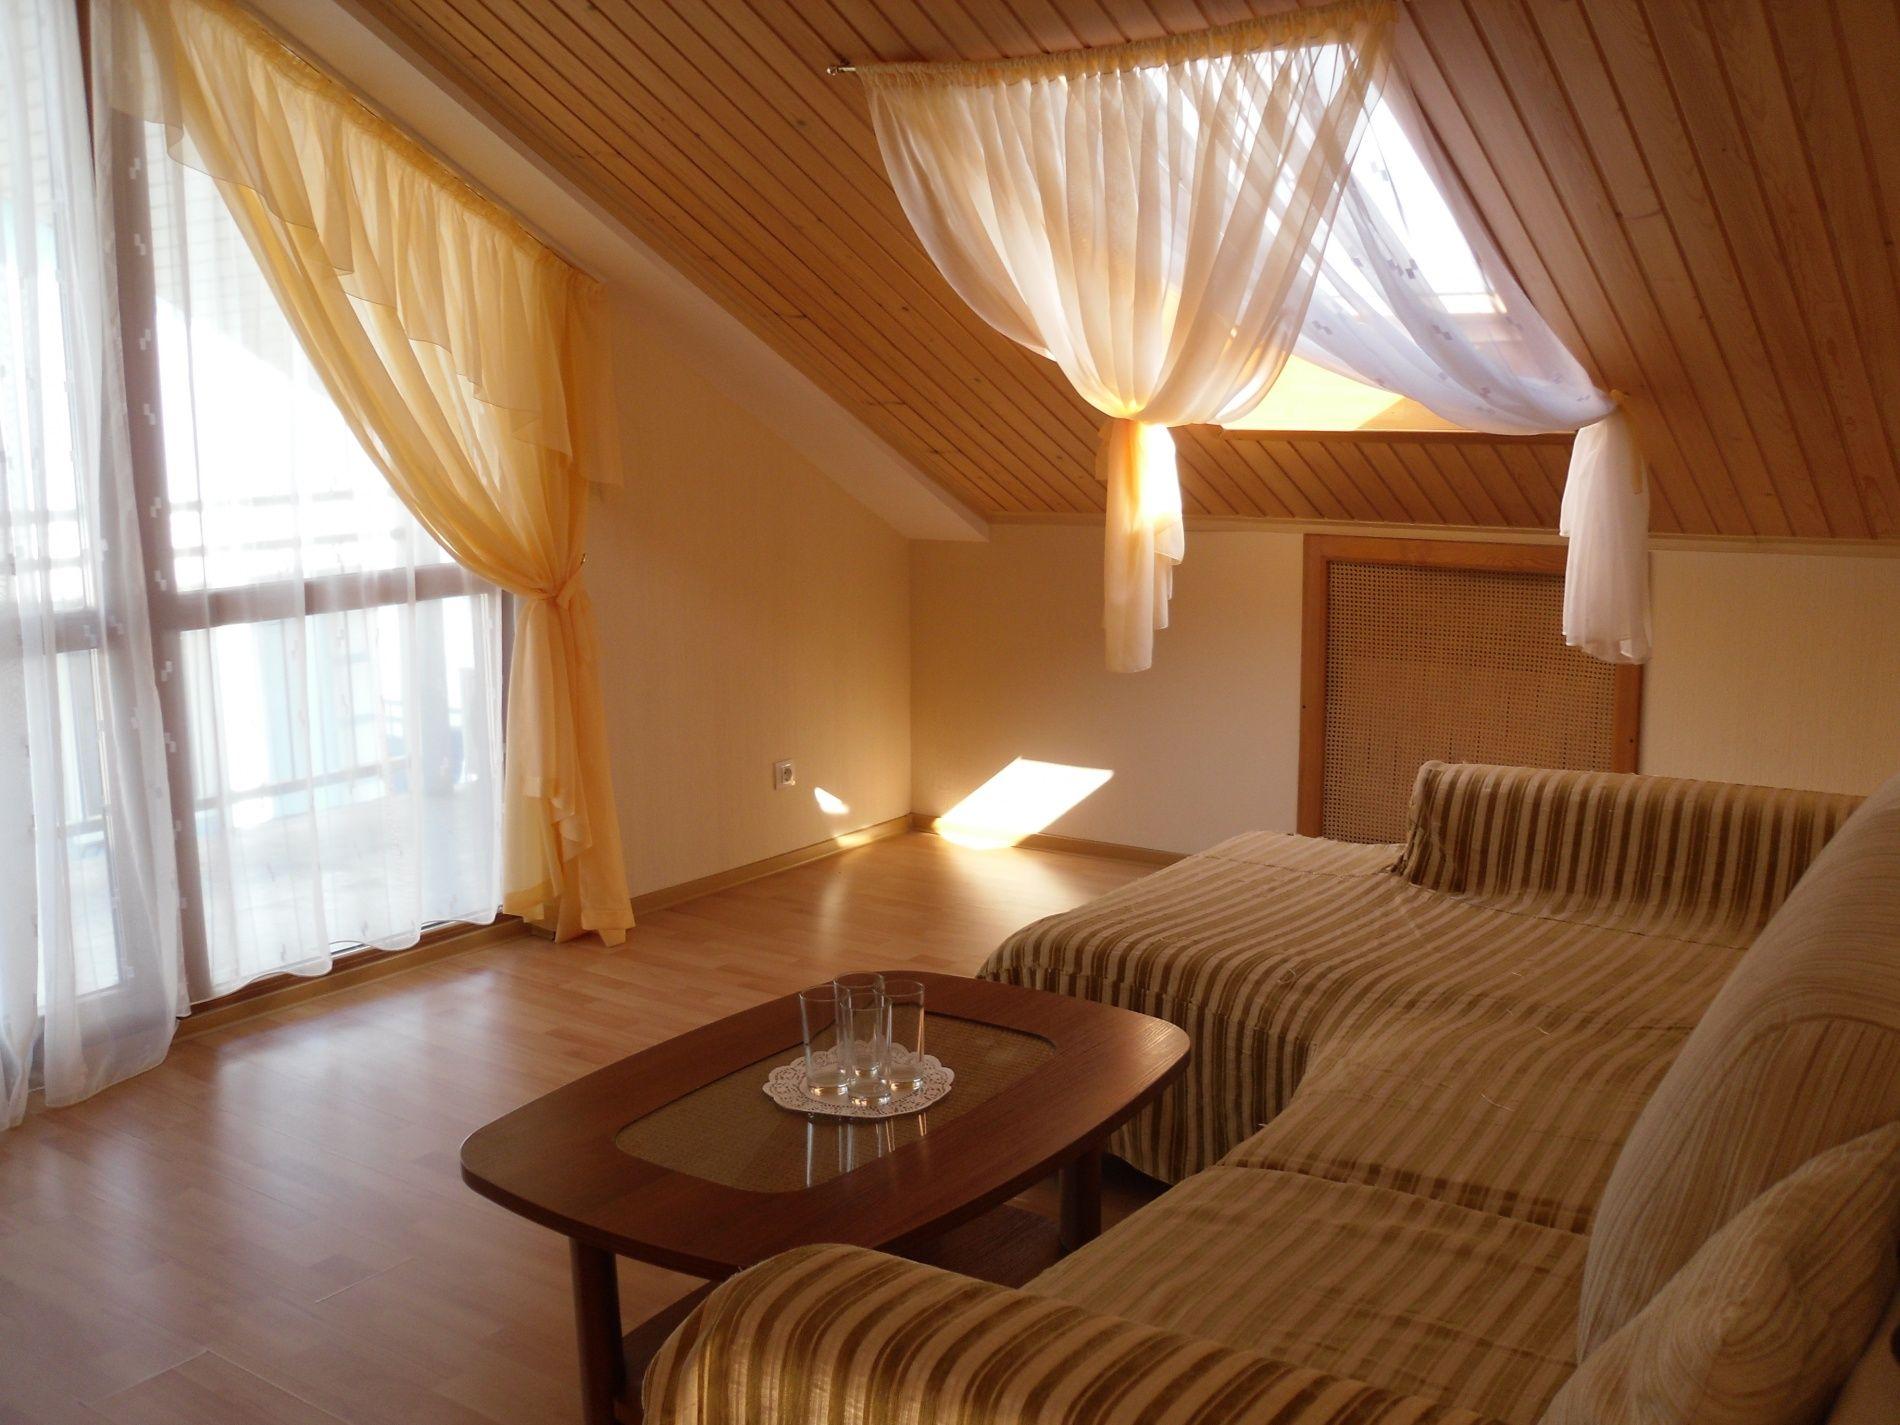 Туристический комплекс «Мирная Пристань» Ивановская область Апартаменты (№ 31, 32), фото 9